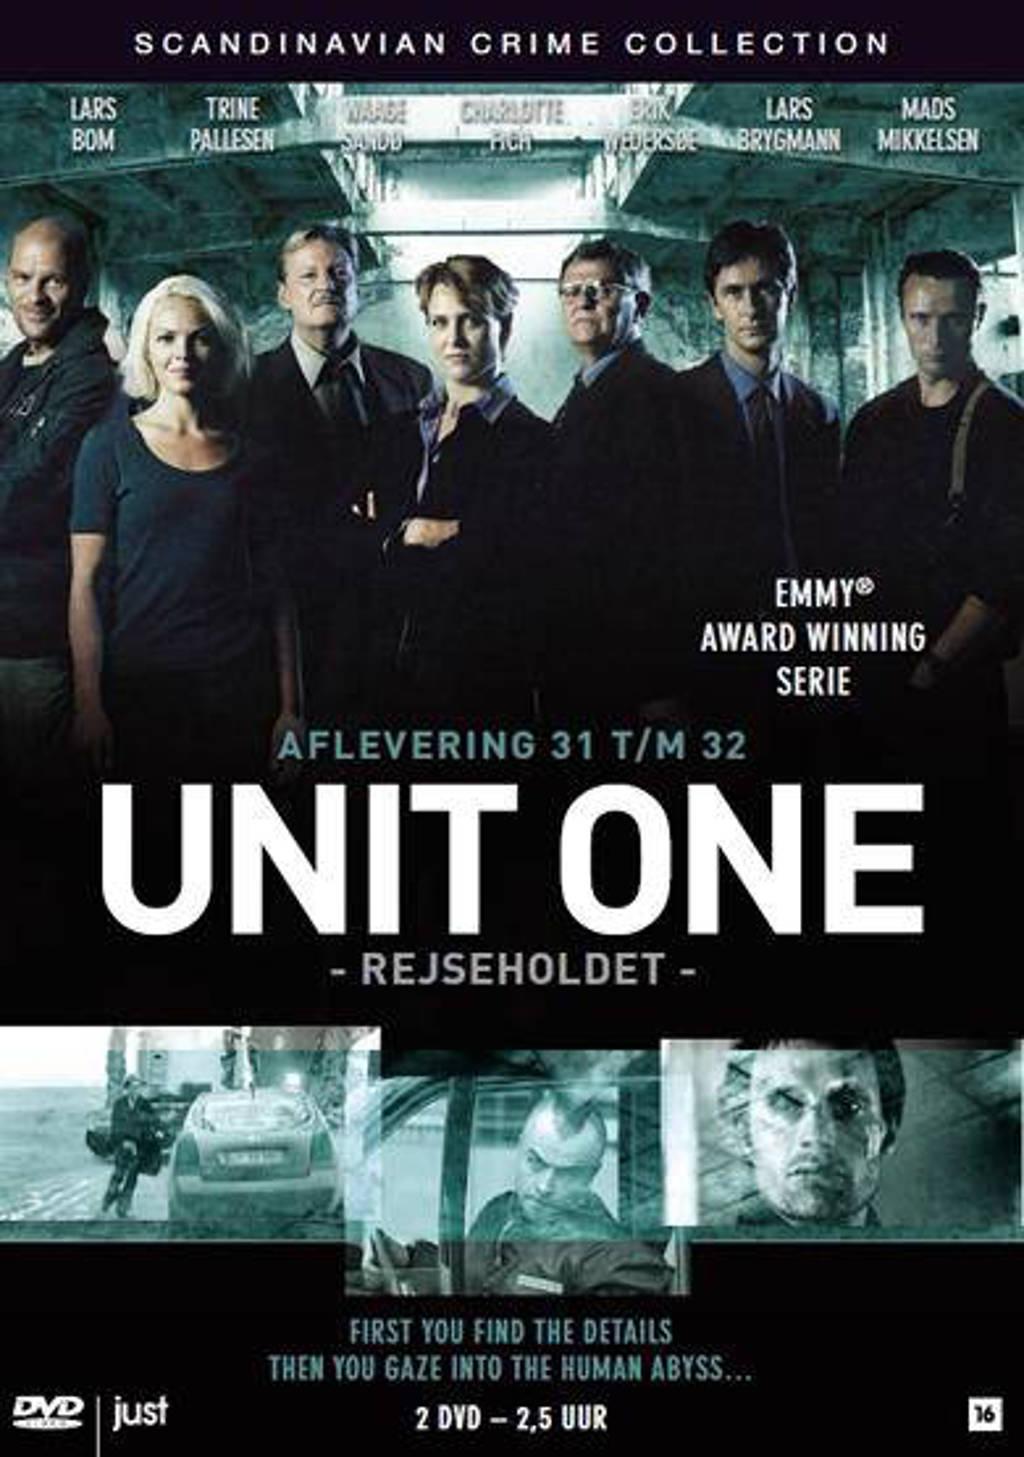 Unit one (Rejseholdet) - afl. 31-32 (DVD)